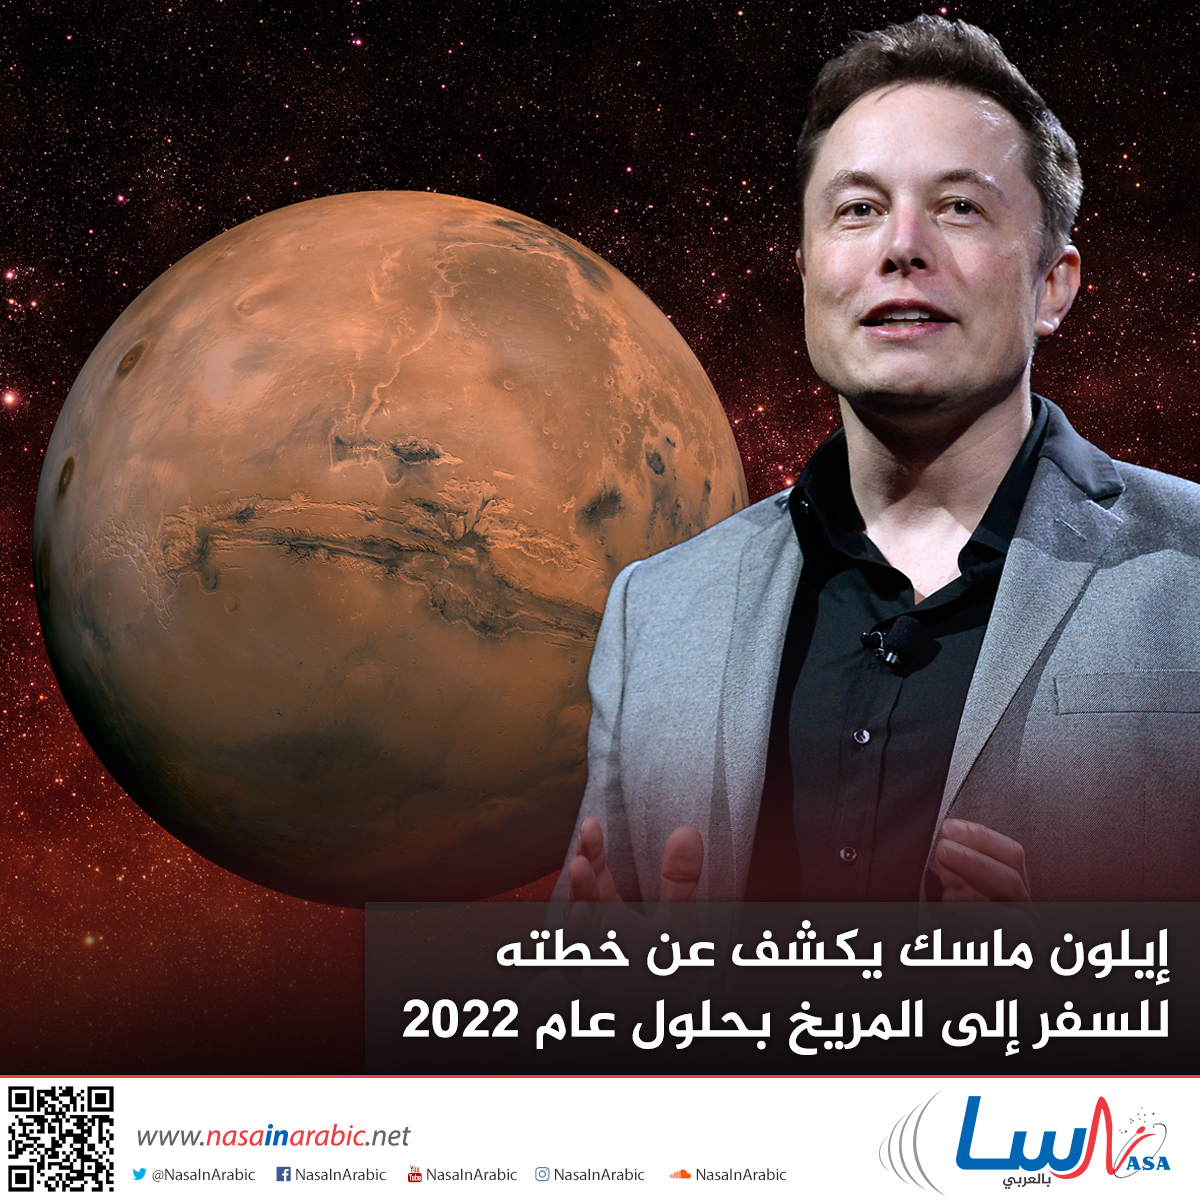 إيلون ماسك يكشف عن خطته للسفر إلى المريخ بحلول عام 2022